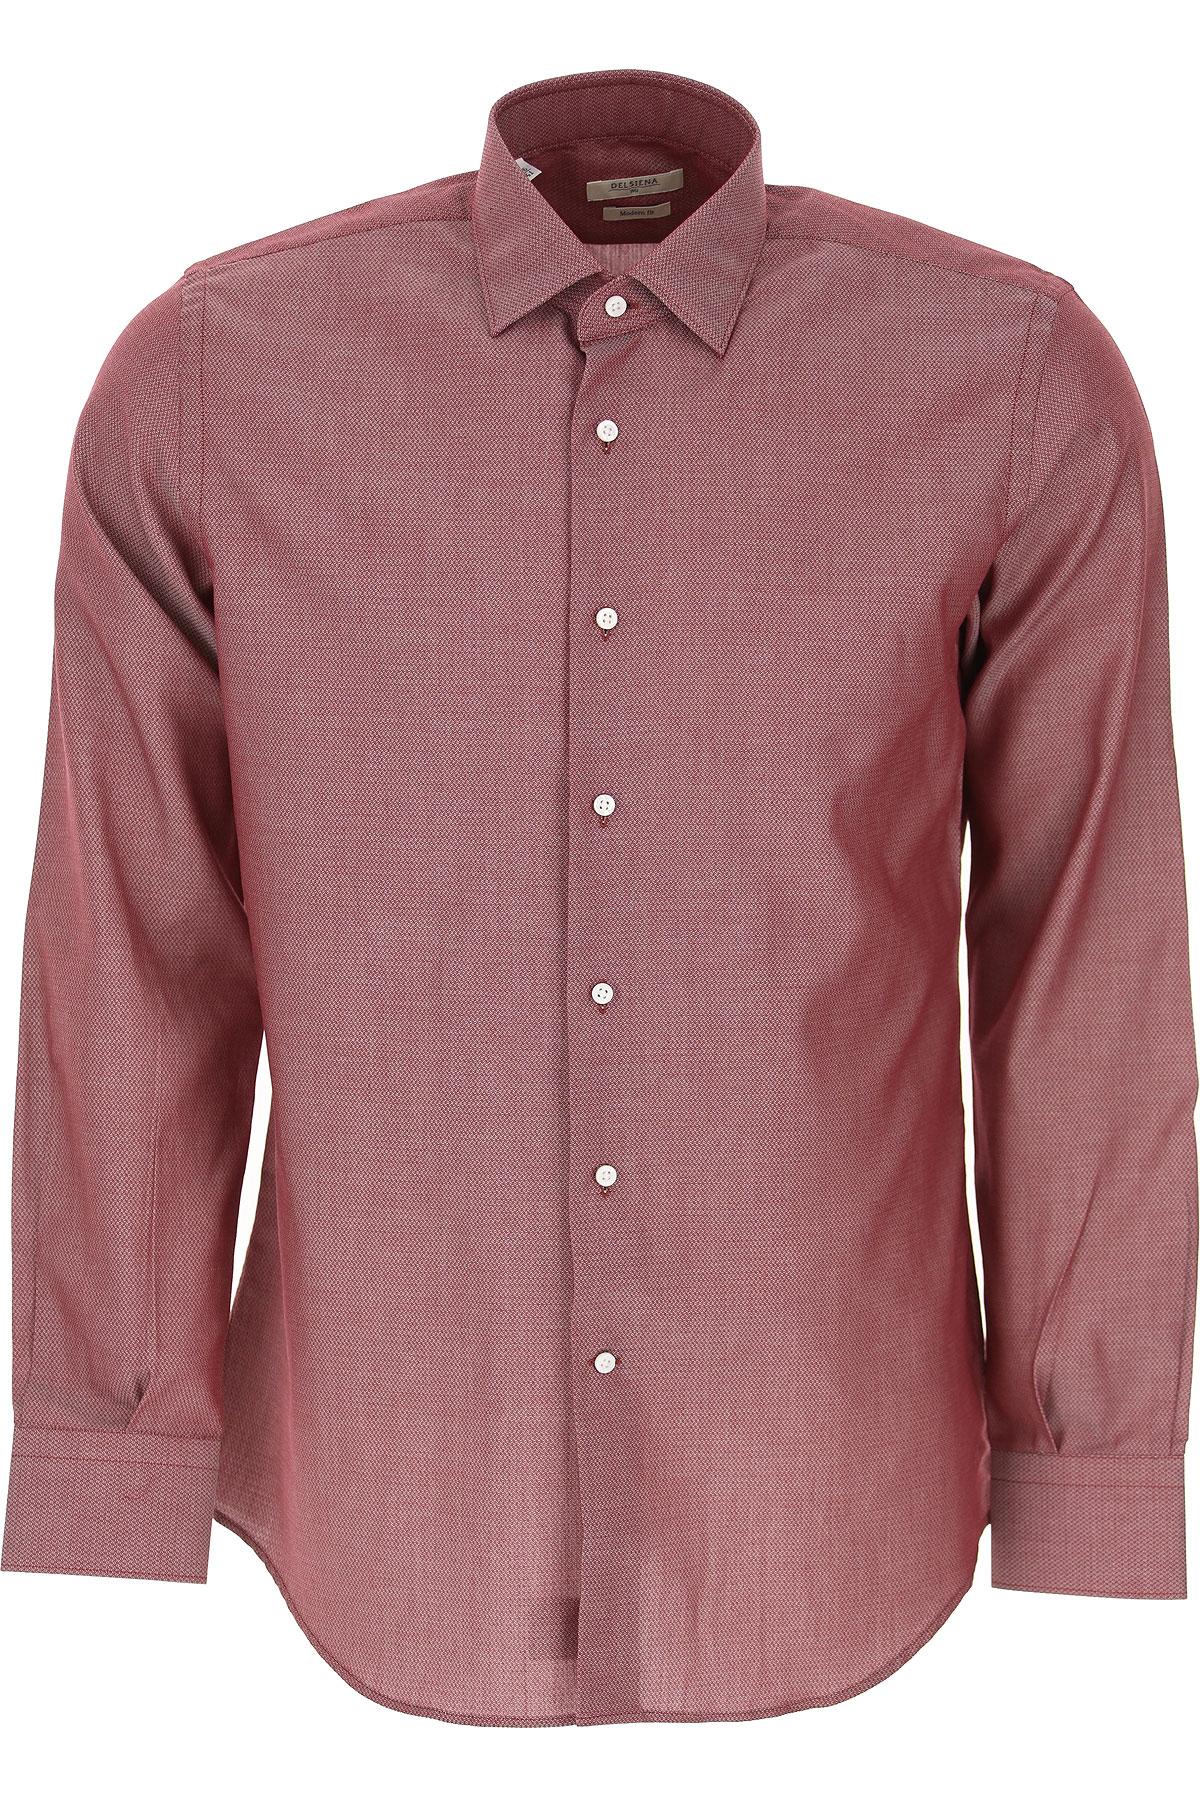 Del Siena Shirt for Men On Sale, Bordeaux, Cotton, 2019, 15 15.5 15.75 16 16.5 17